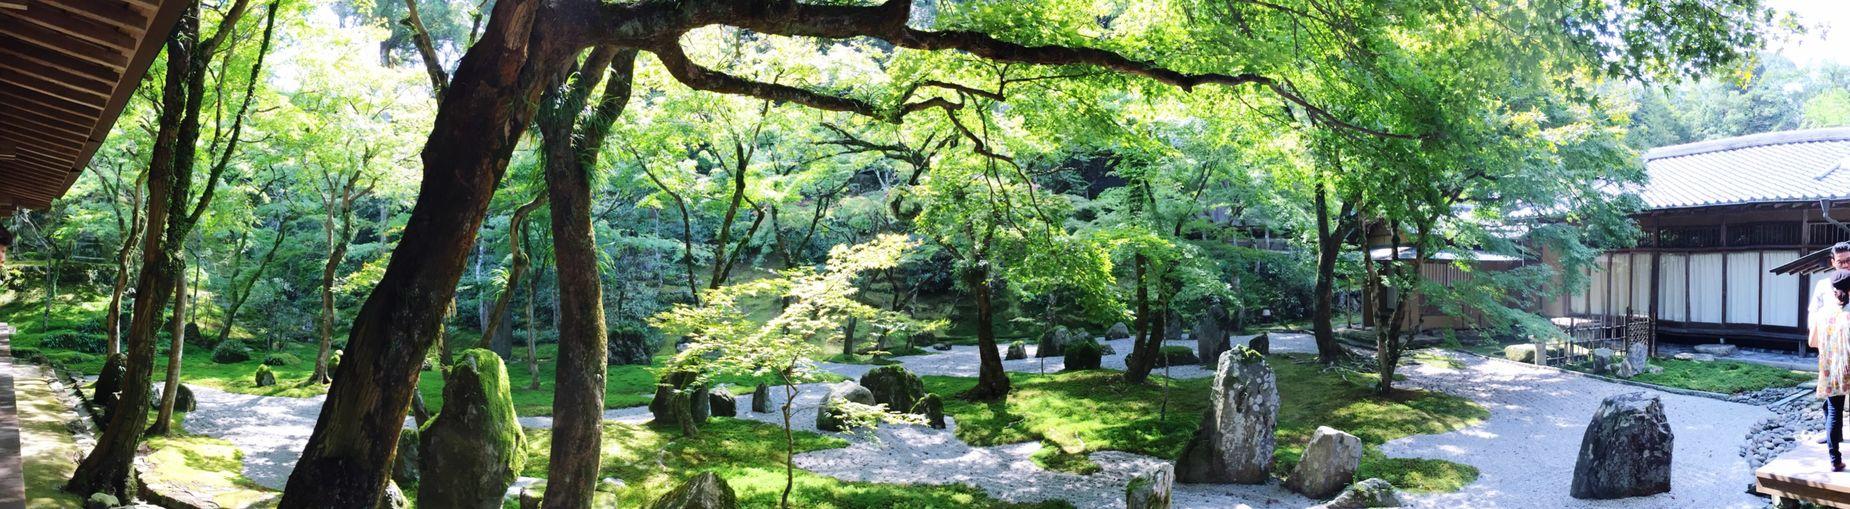 太宰府 EyeEm Japan Taking Photos Japan Cool Japan Nature Relaxing Relaxing